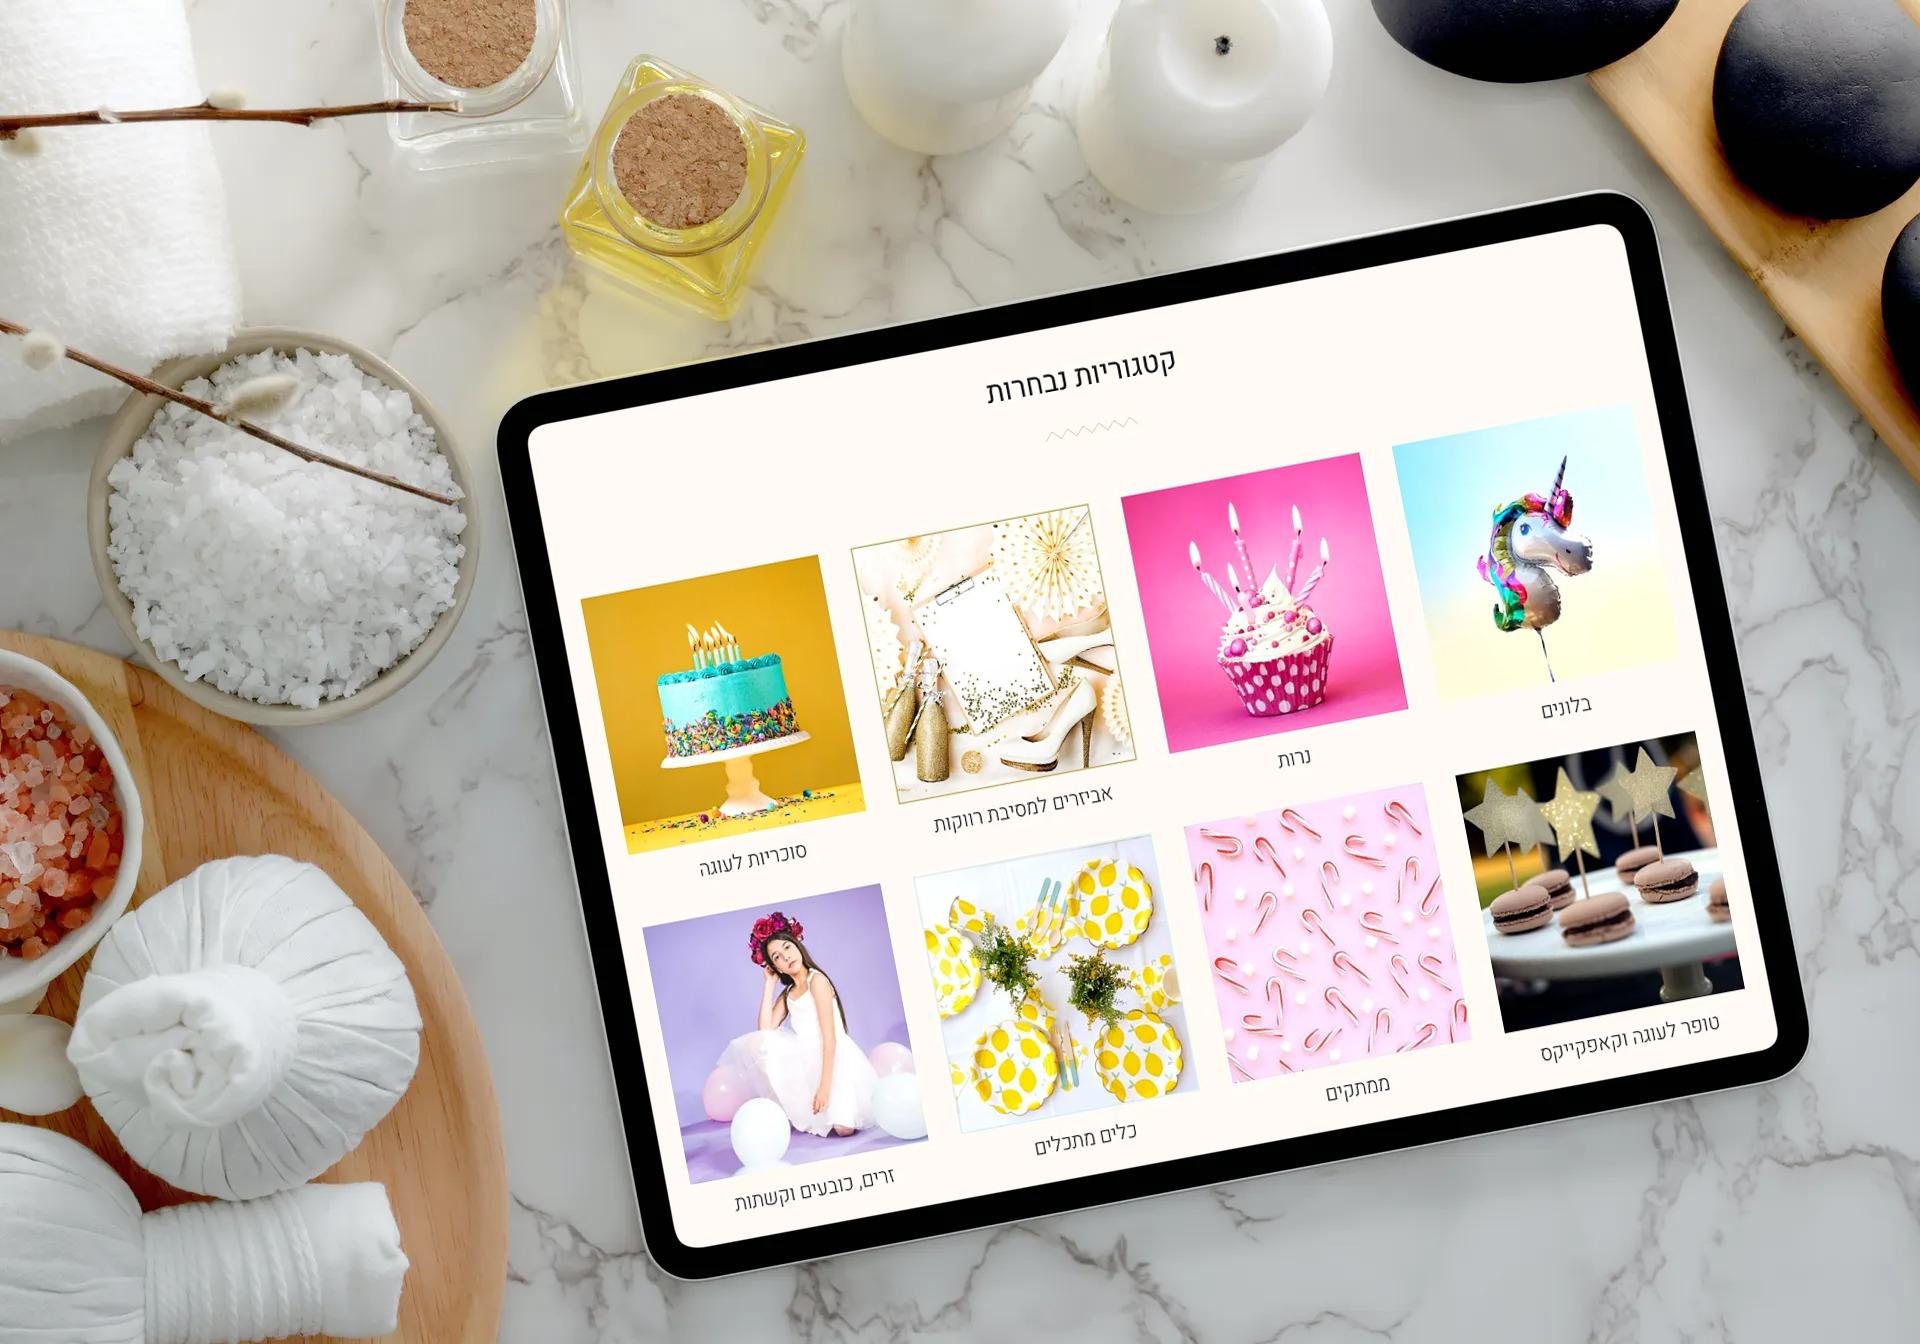 בניית אתר מכירות מסיבתא קטגוריות נבחרות